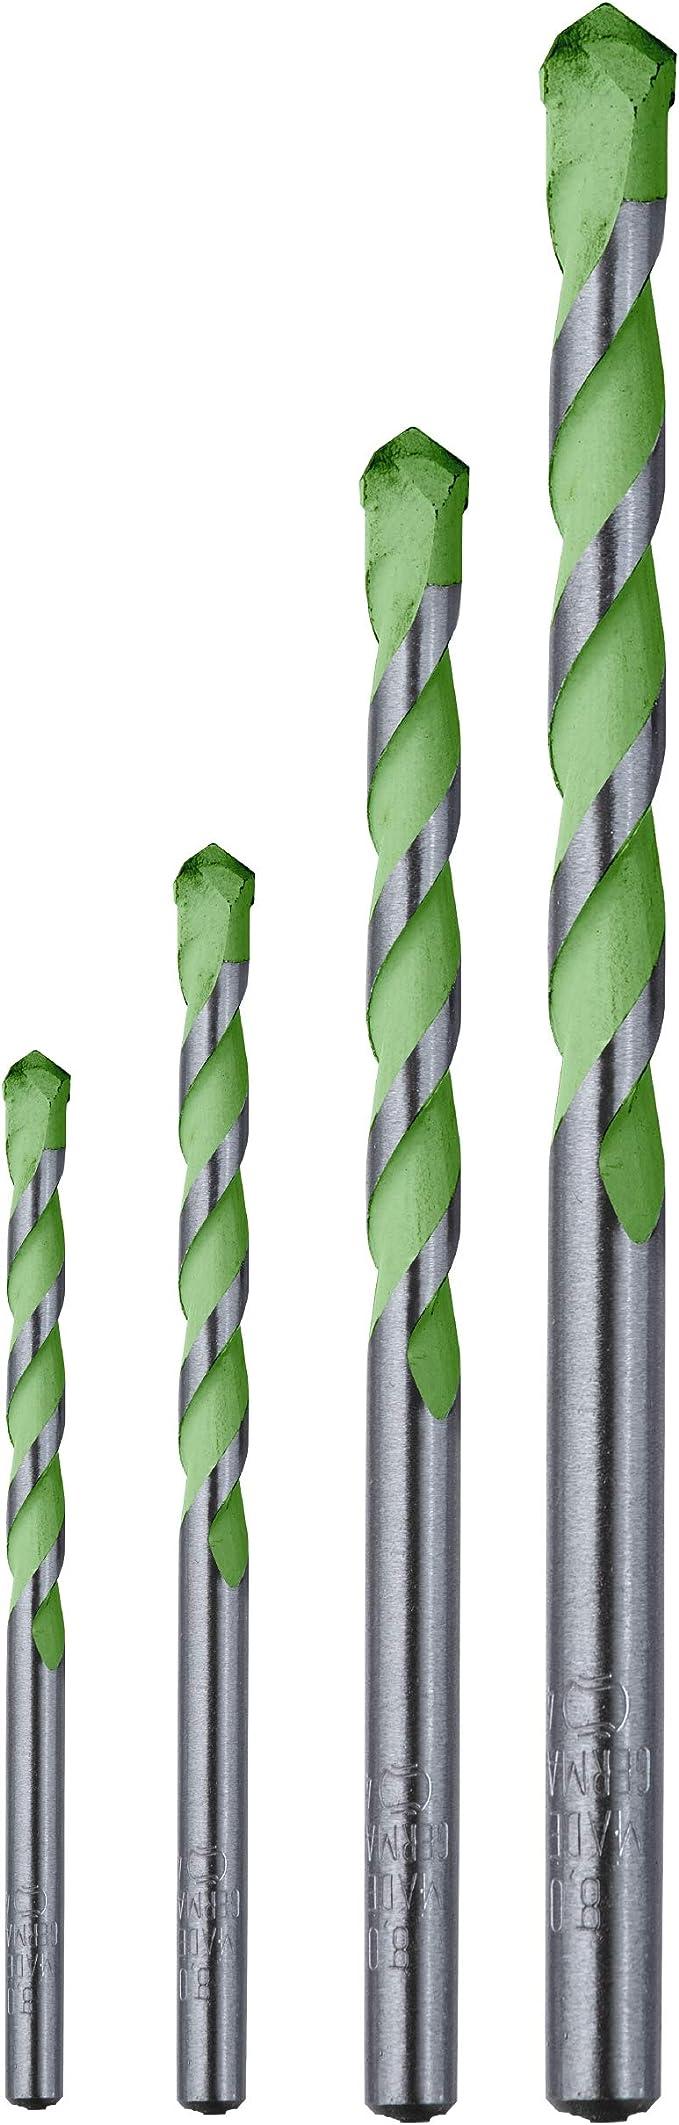 /Ø 5-10 mm 4 teiliges Steinbohrer-Set diamantgeschliffen kwb AKKU TOP Hardcut Granitbohrer-Kassette Made in Germany